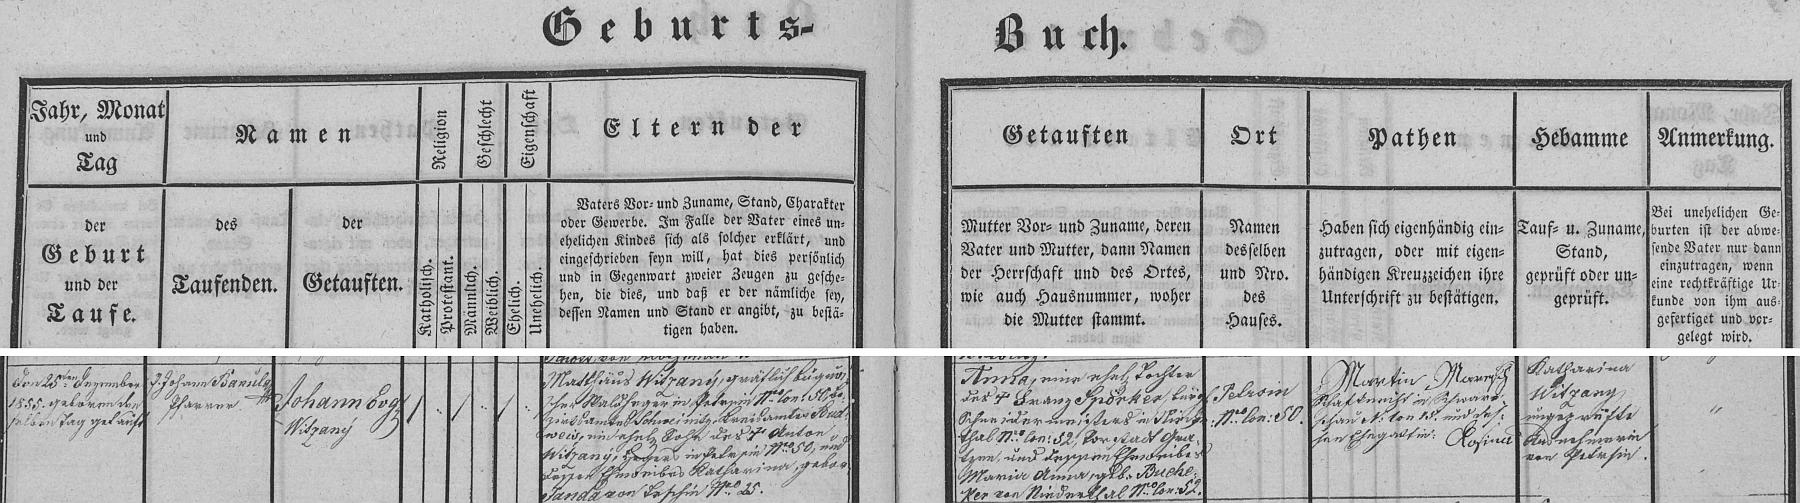 Vazba petříkovské křestní matriky s německým záznamem o narození otcově s příjmením Witzany, na buquoyském panství docela častým